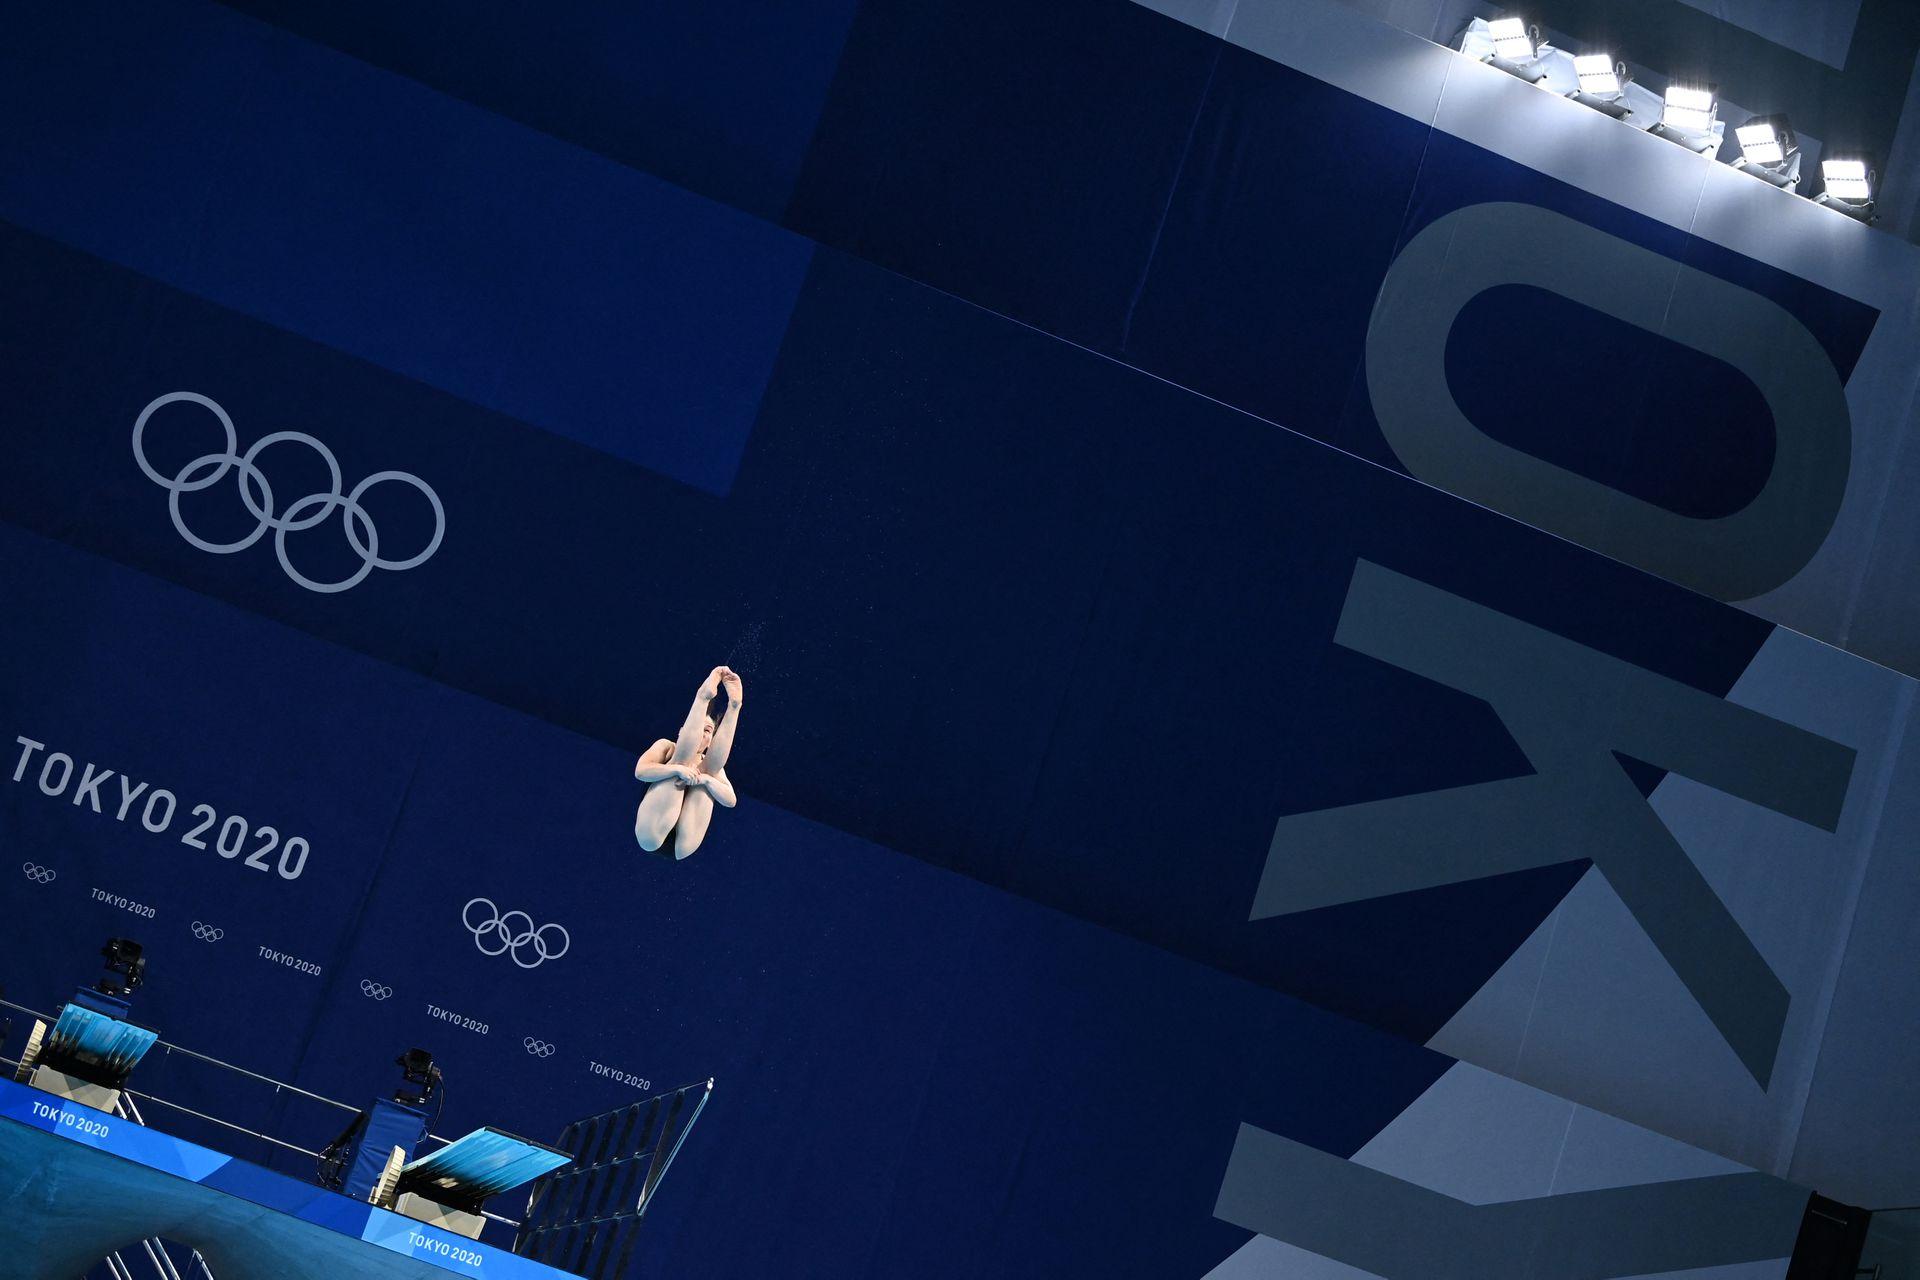 Ng Yan Yee de Malasia compite en la ronda preliminar del evento de salto de trampolín de 3 metros femenino.